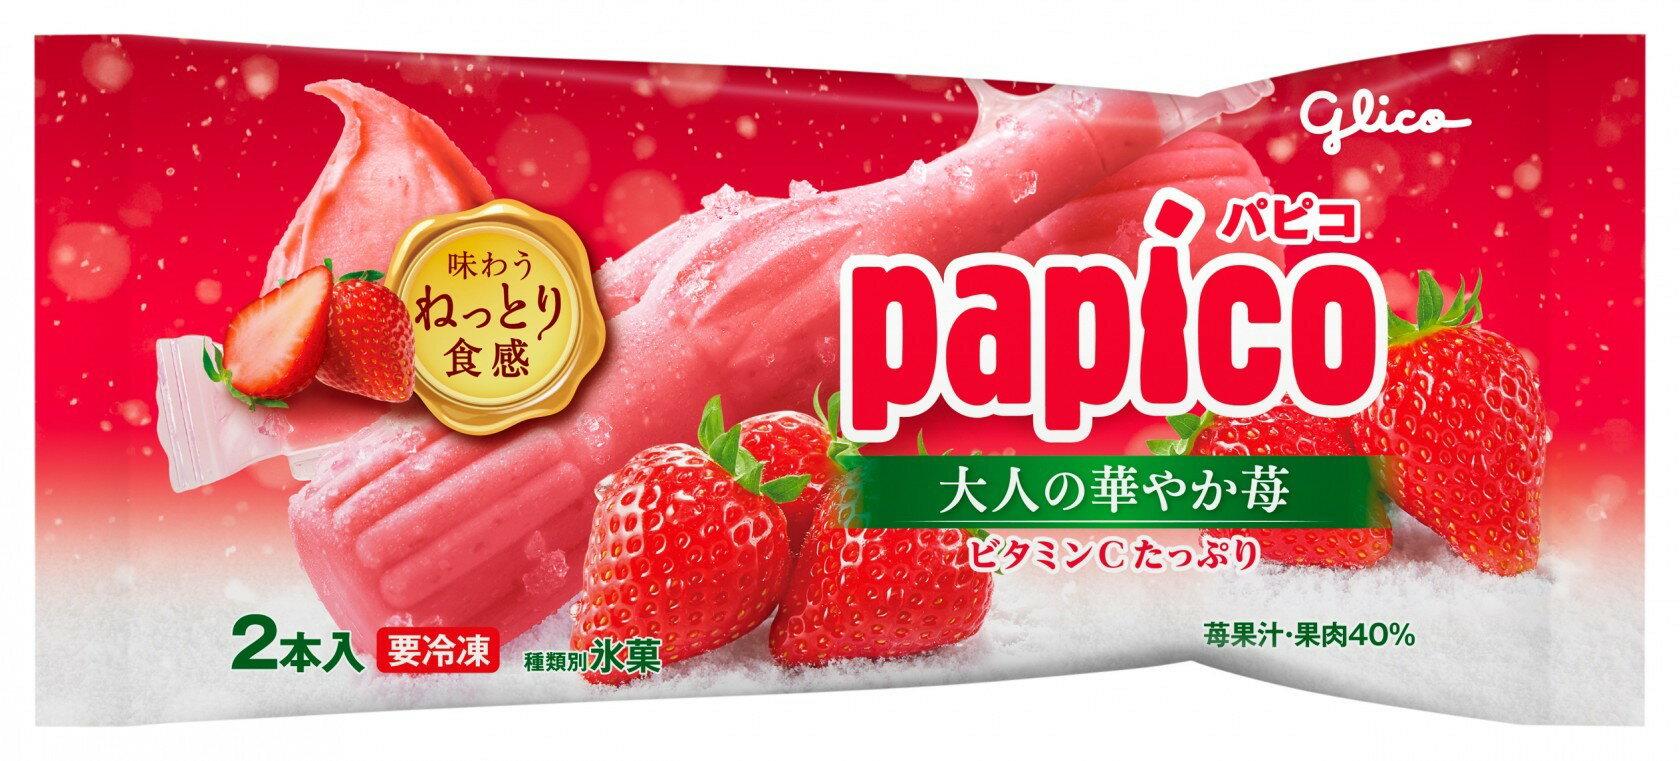 パピコ 大人の濃い苺 20個入り 江崎グリコ